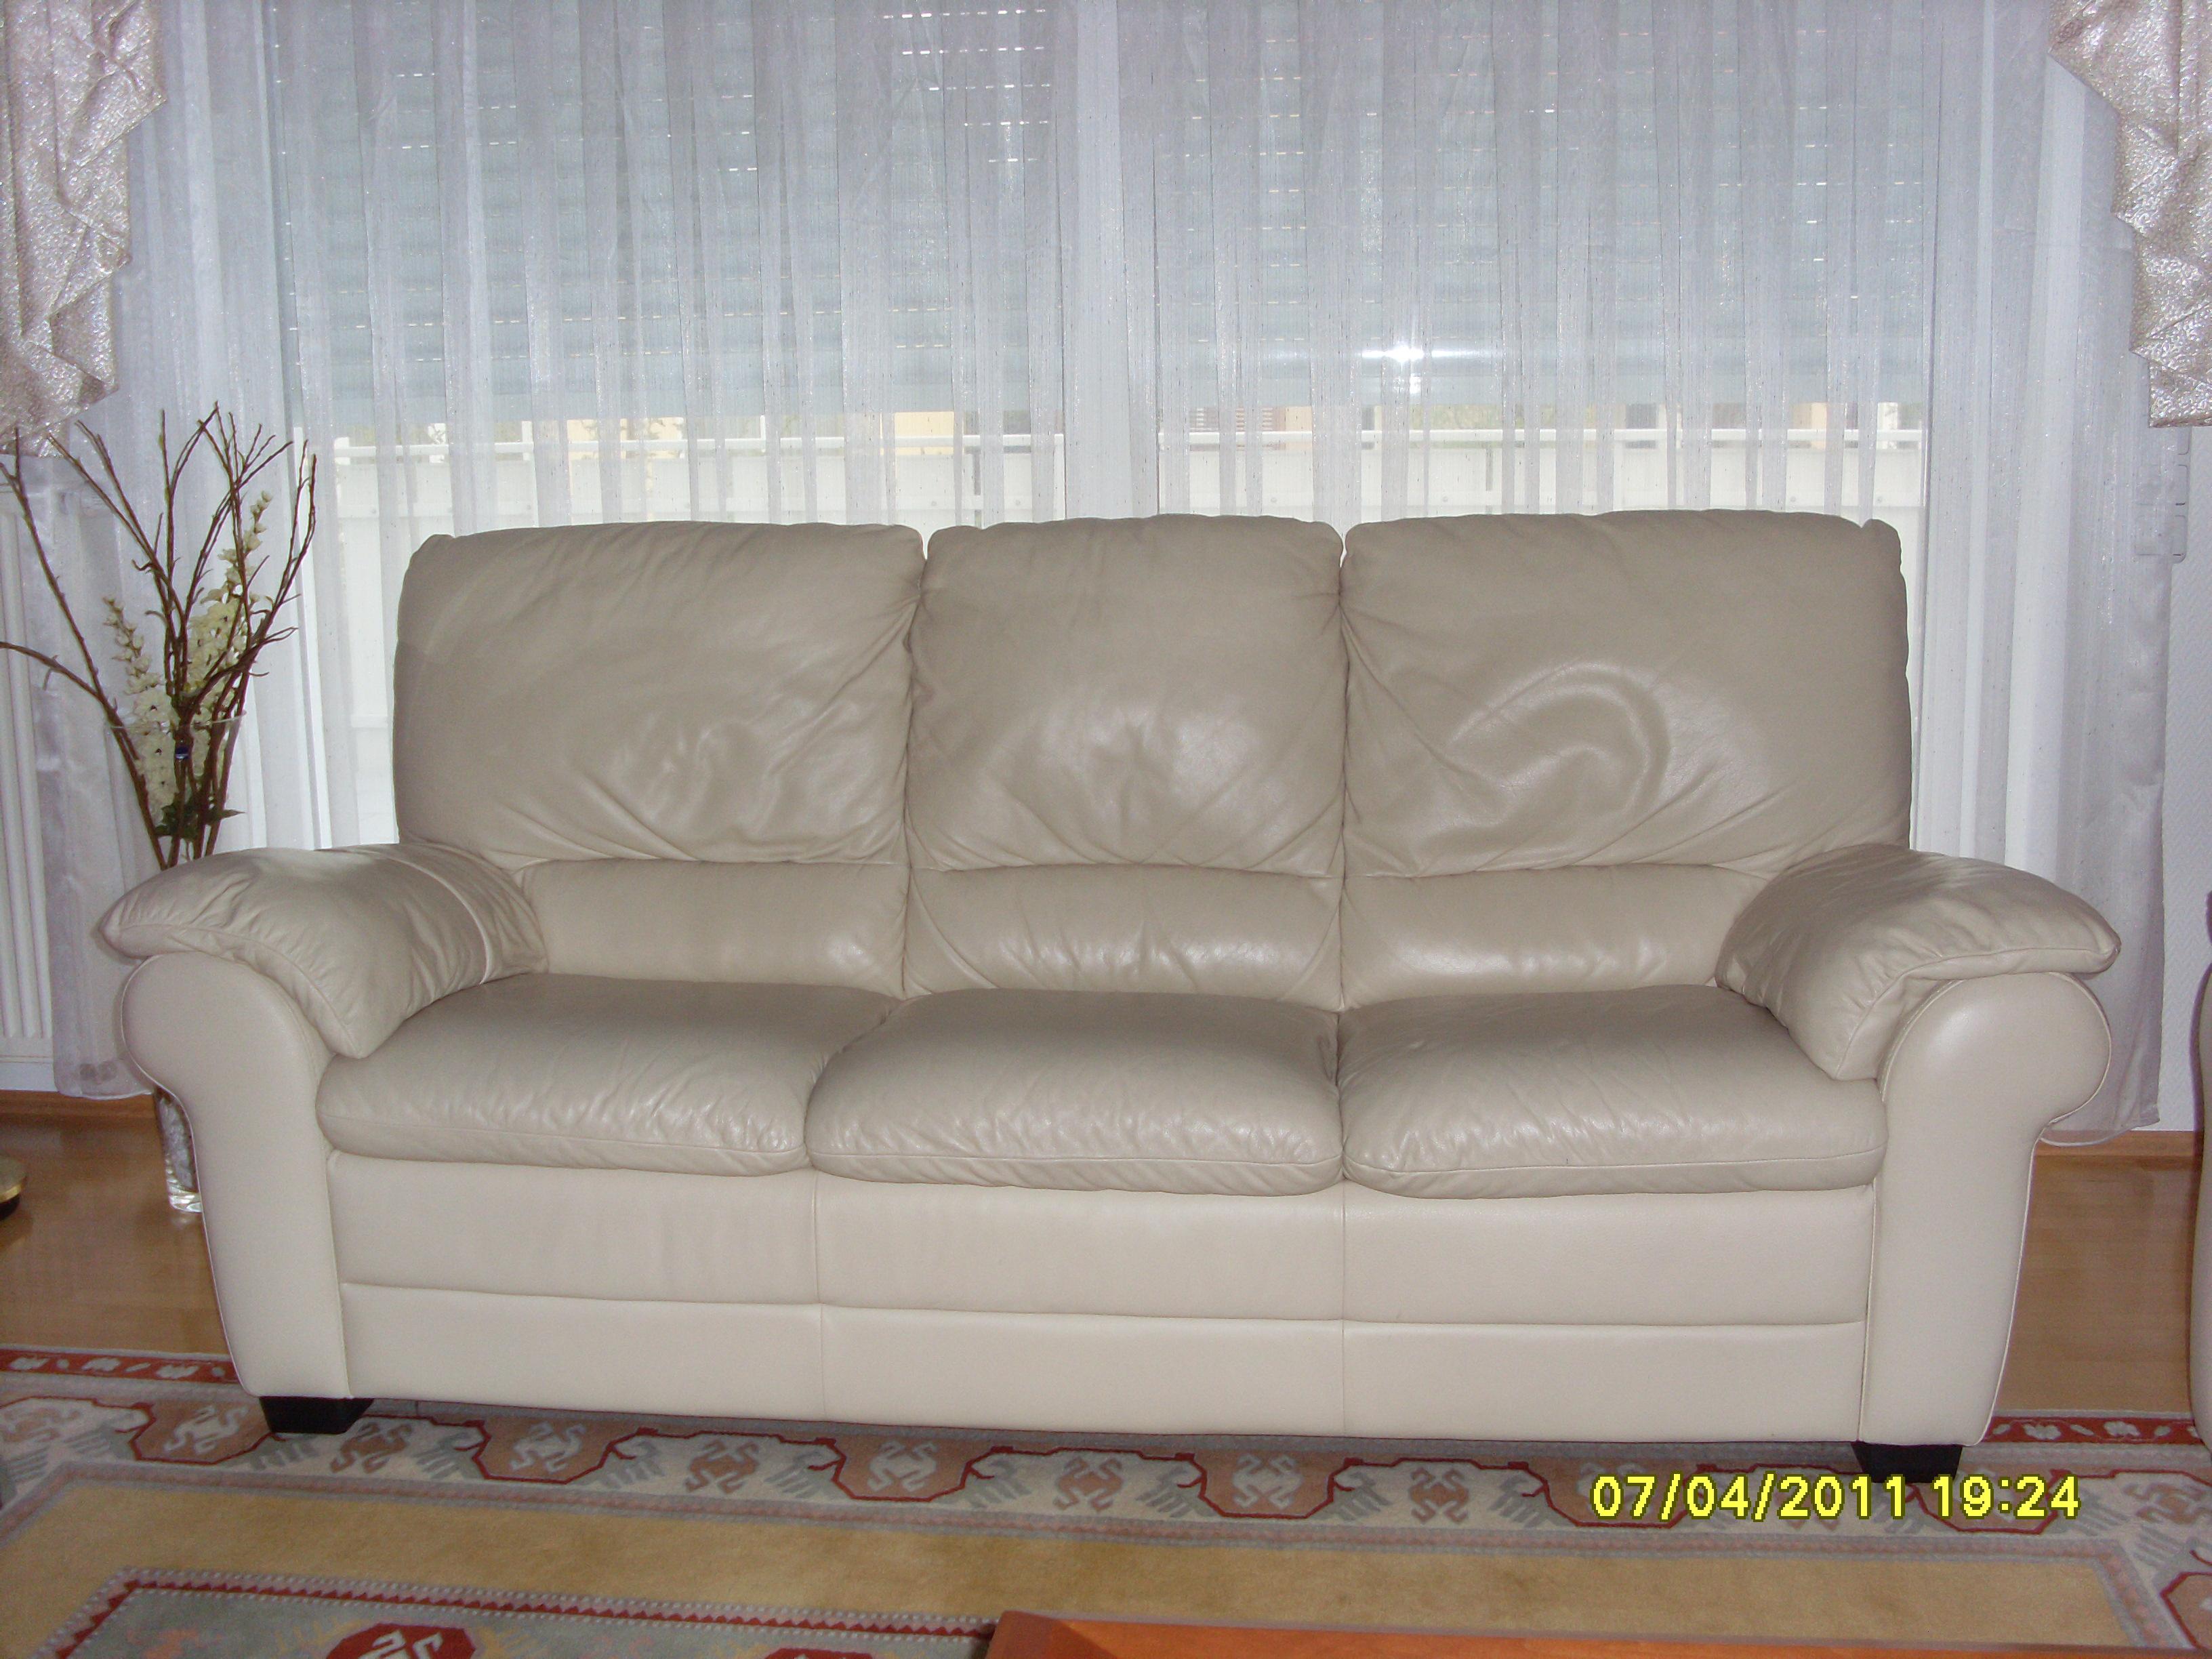 Big Sofa Mega Sofa im Kolonialstil in Ehingen  Möbel und Haushalt  Kleinanzeigen